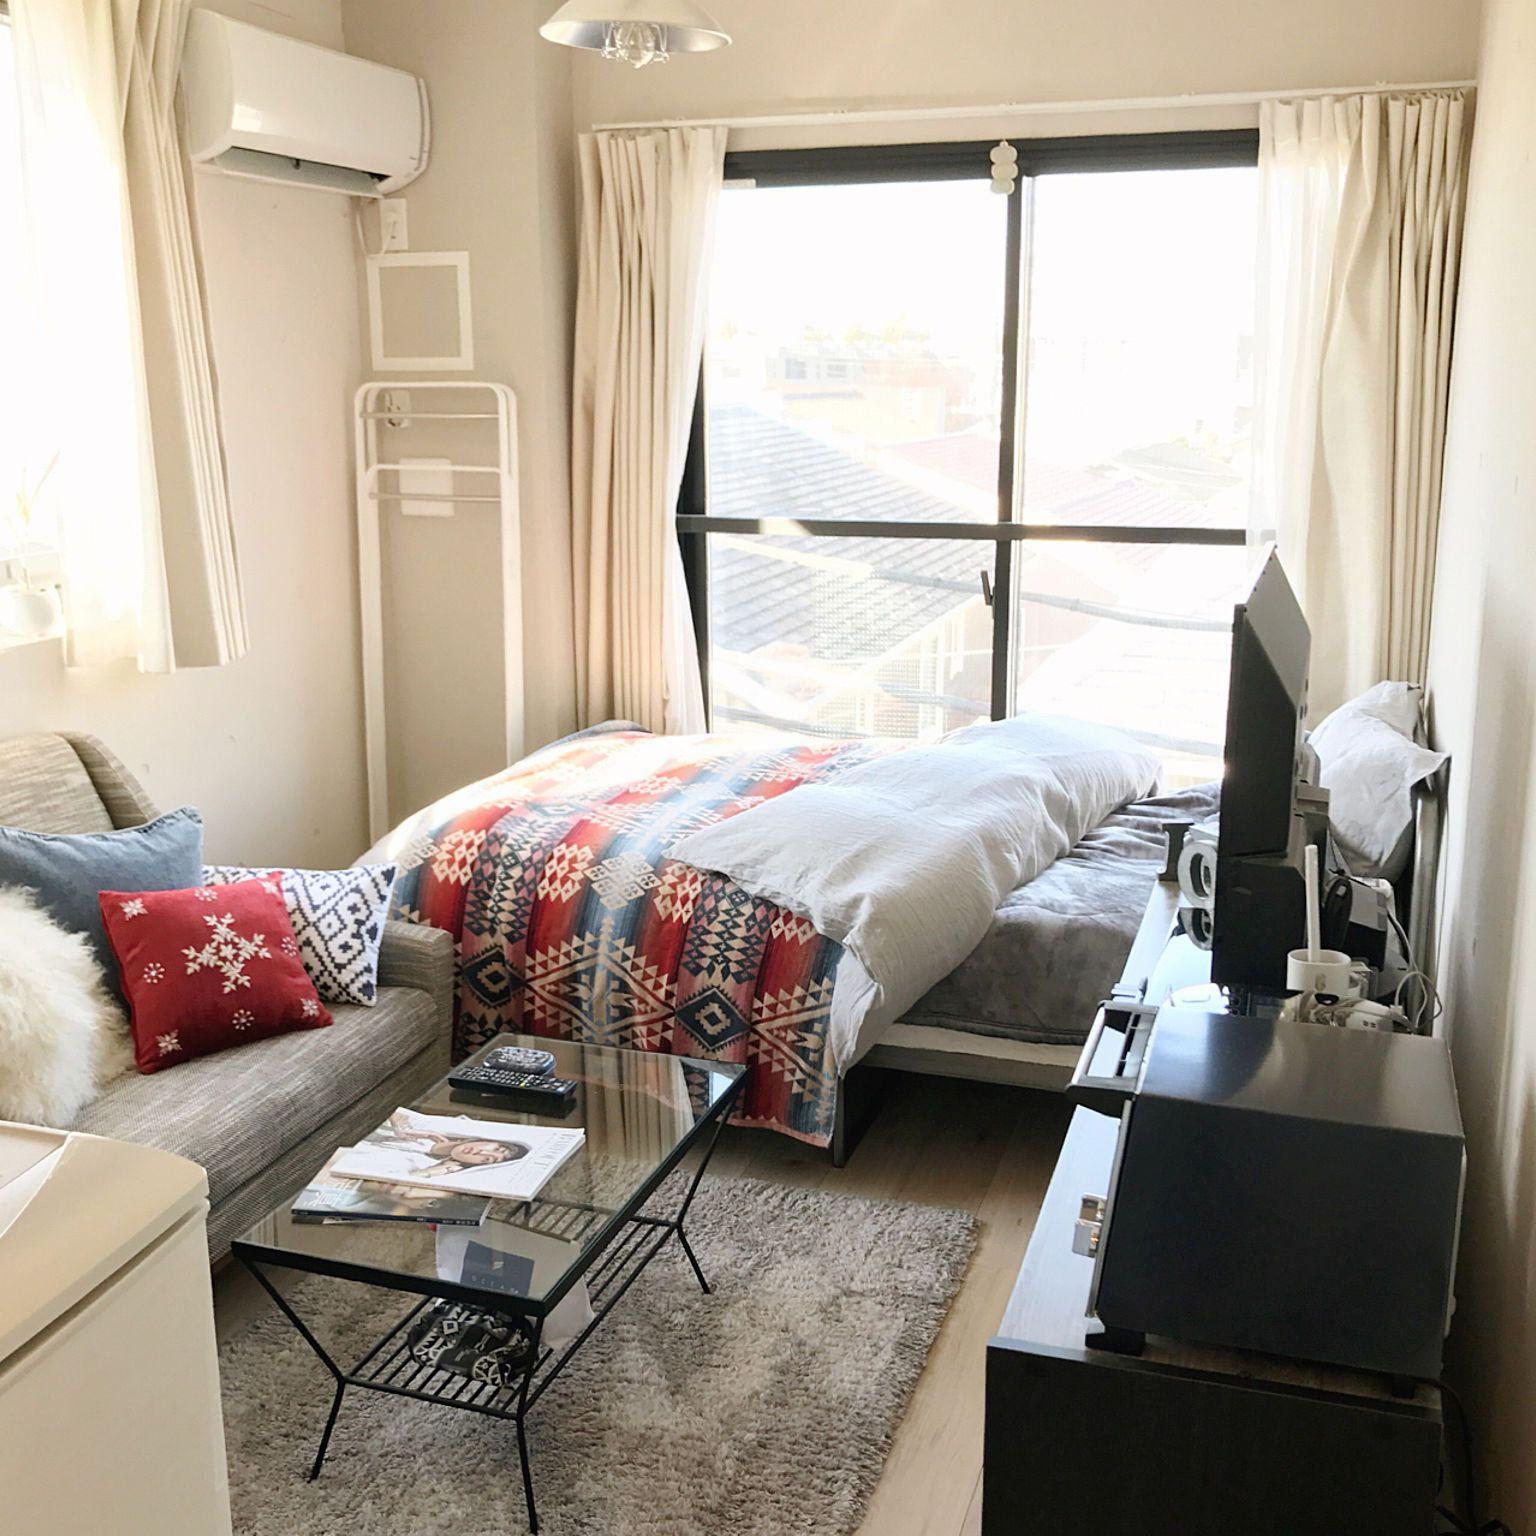 部屋全体 6畳 ひとり暮らし 賃貸 ワンルーム などのインテリア実例 2017 12 24 07 53 31 Roomclip ルームクリップ インテリア インテリア 家具 小さなベッドルームのデザイン